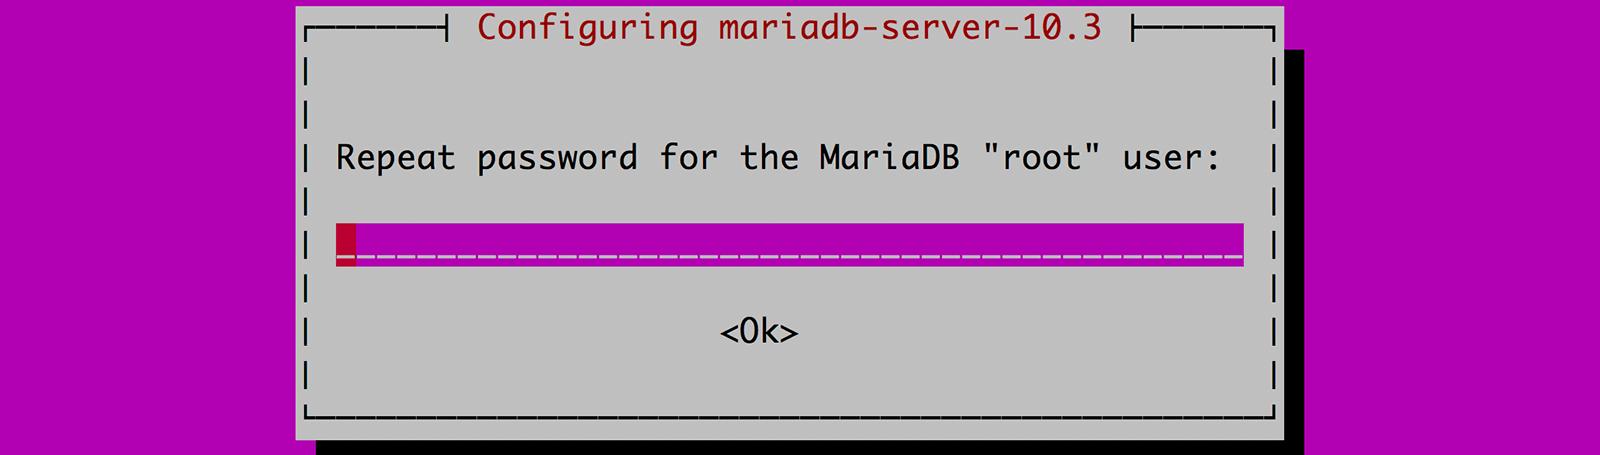 DB의 root 유저 비밀번호 설정하기 재확인 입력화면